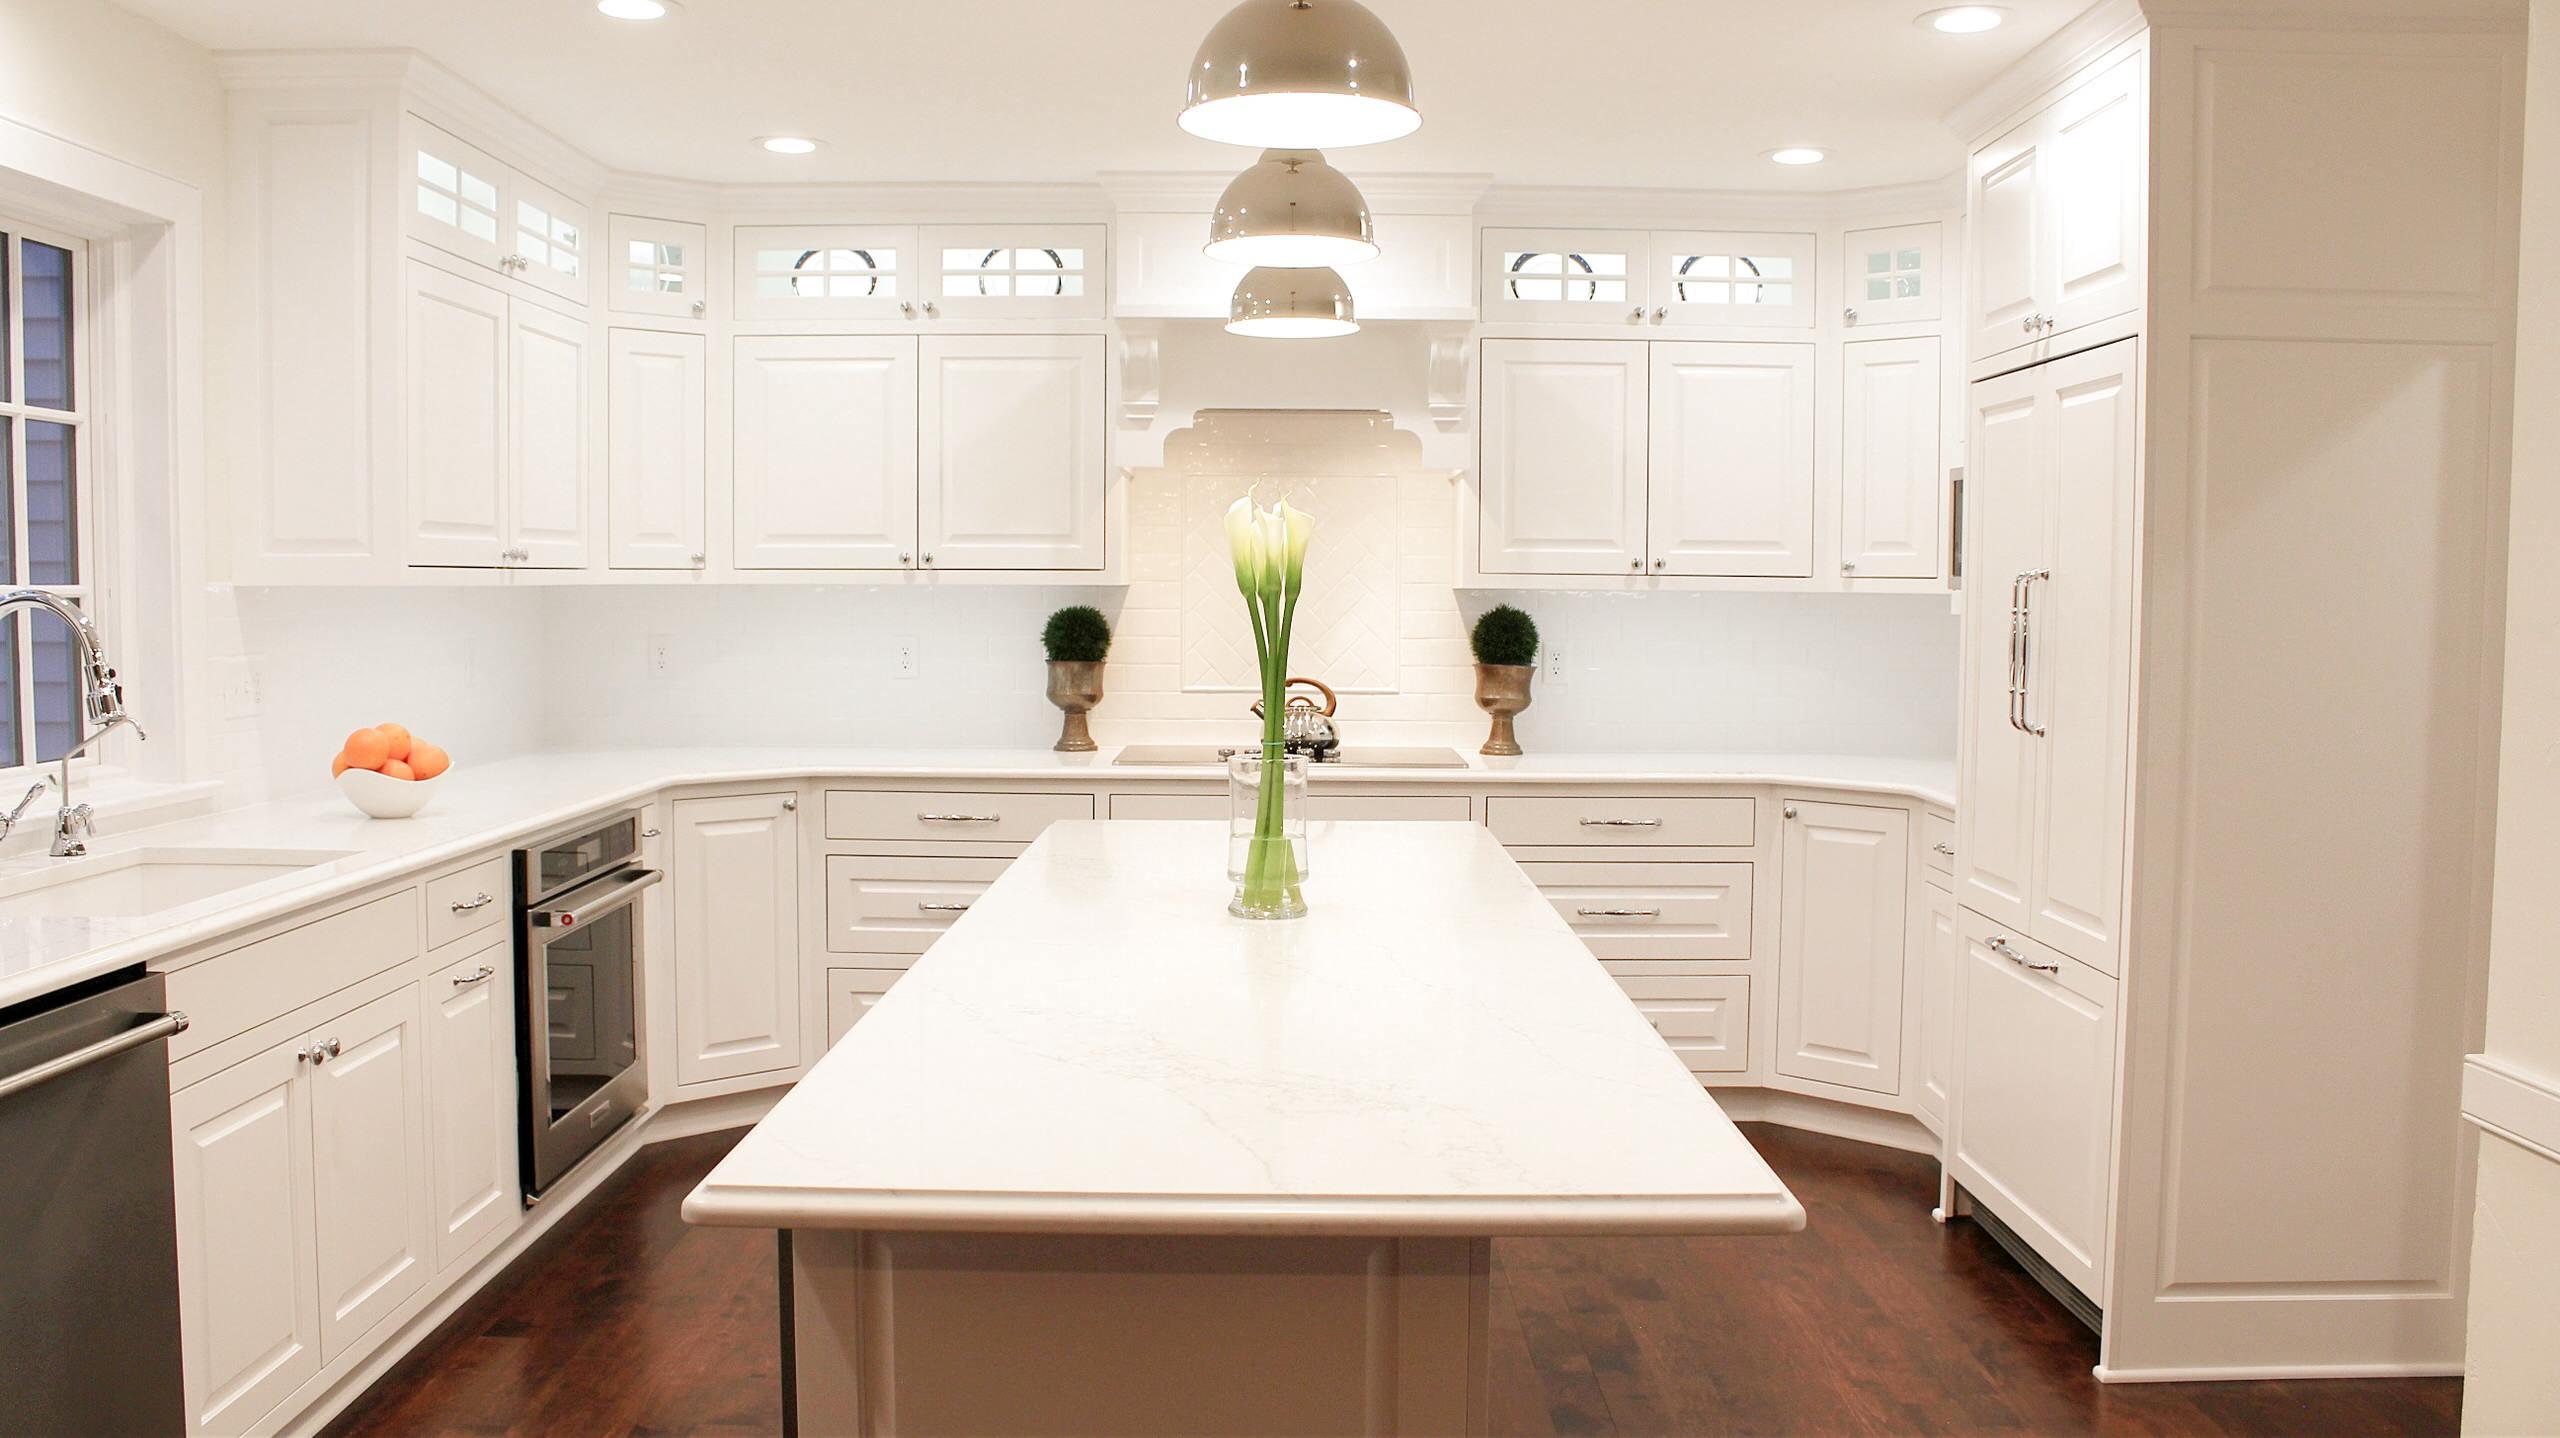 Mequon Kitchen Renovation